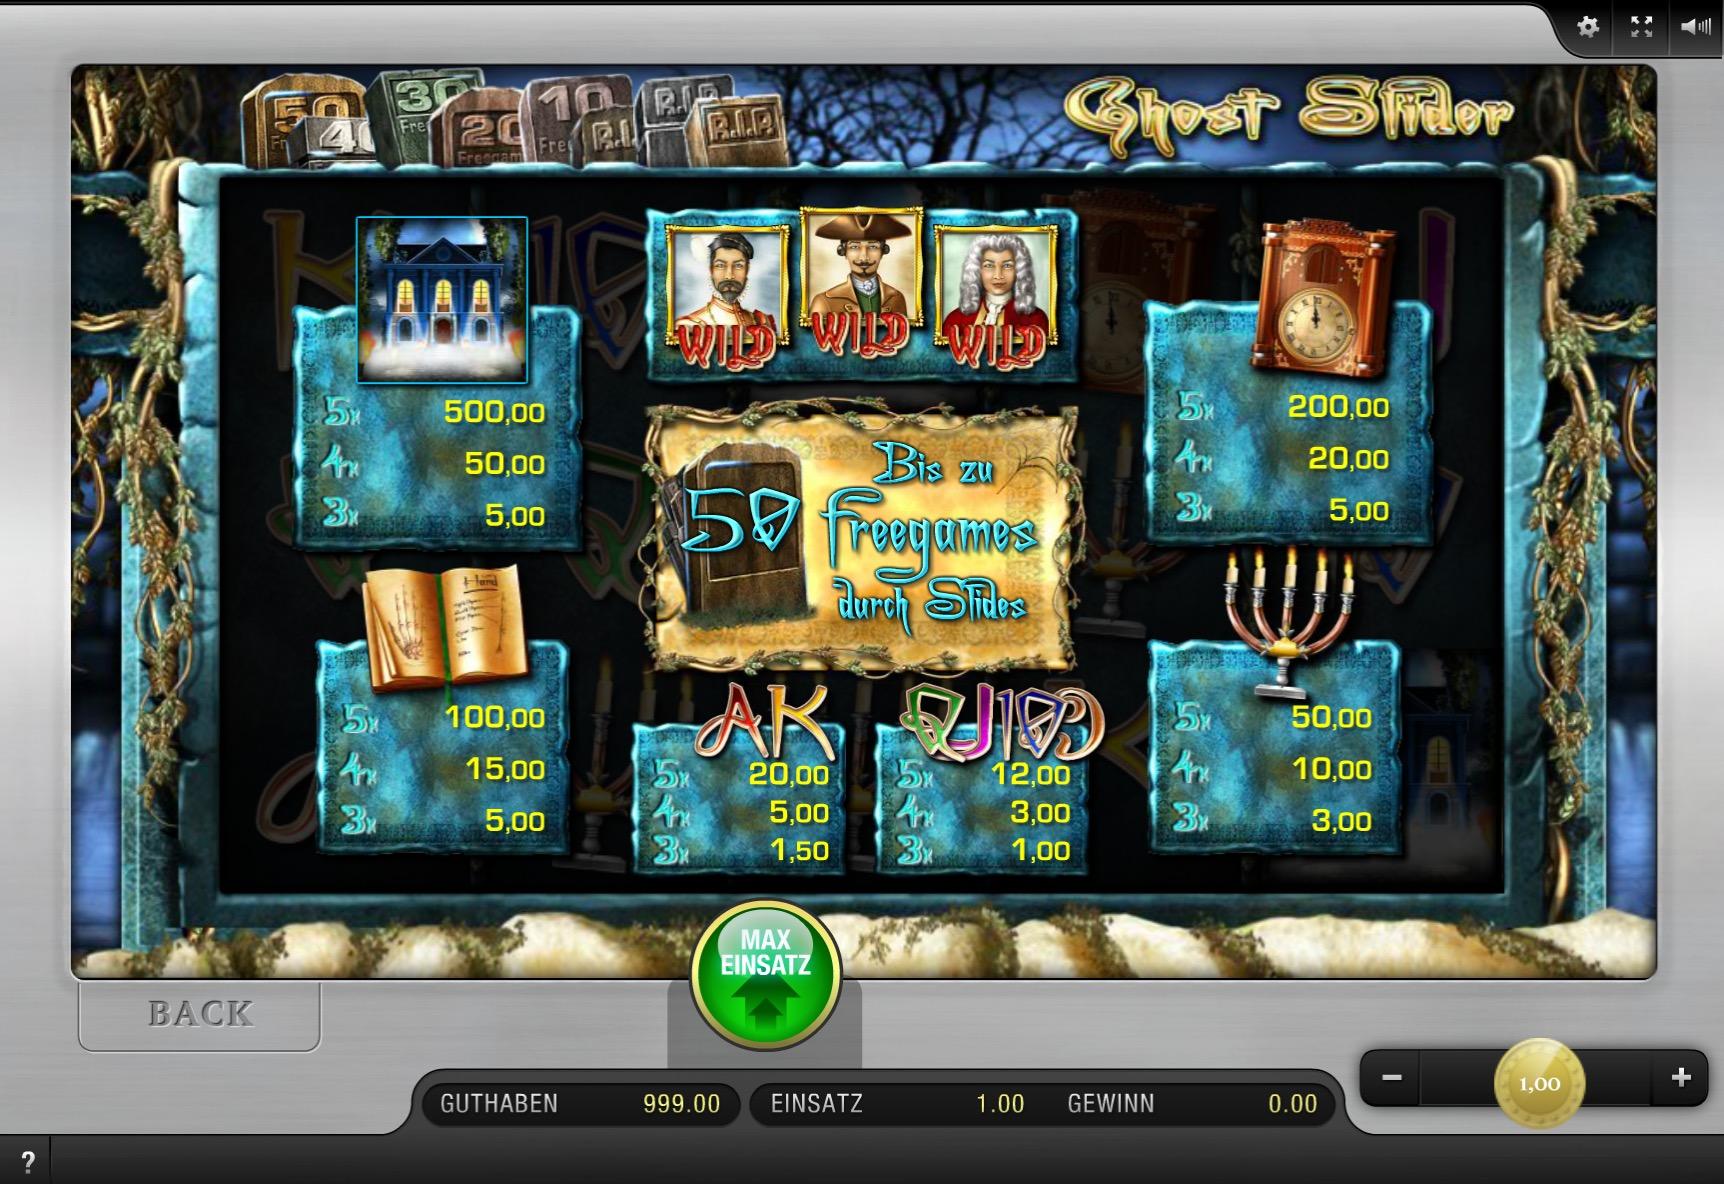 online casino mit willkommensbonus ohne einzahlung piraten symbole